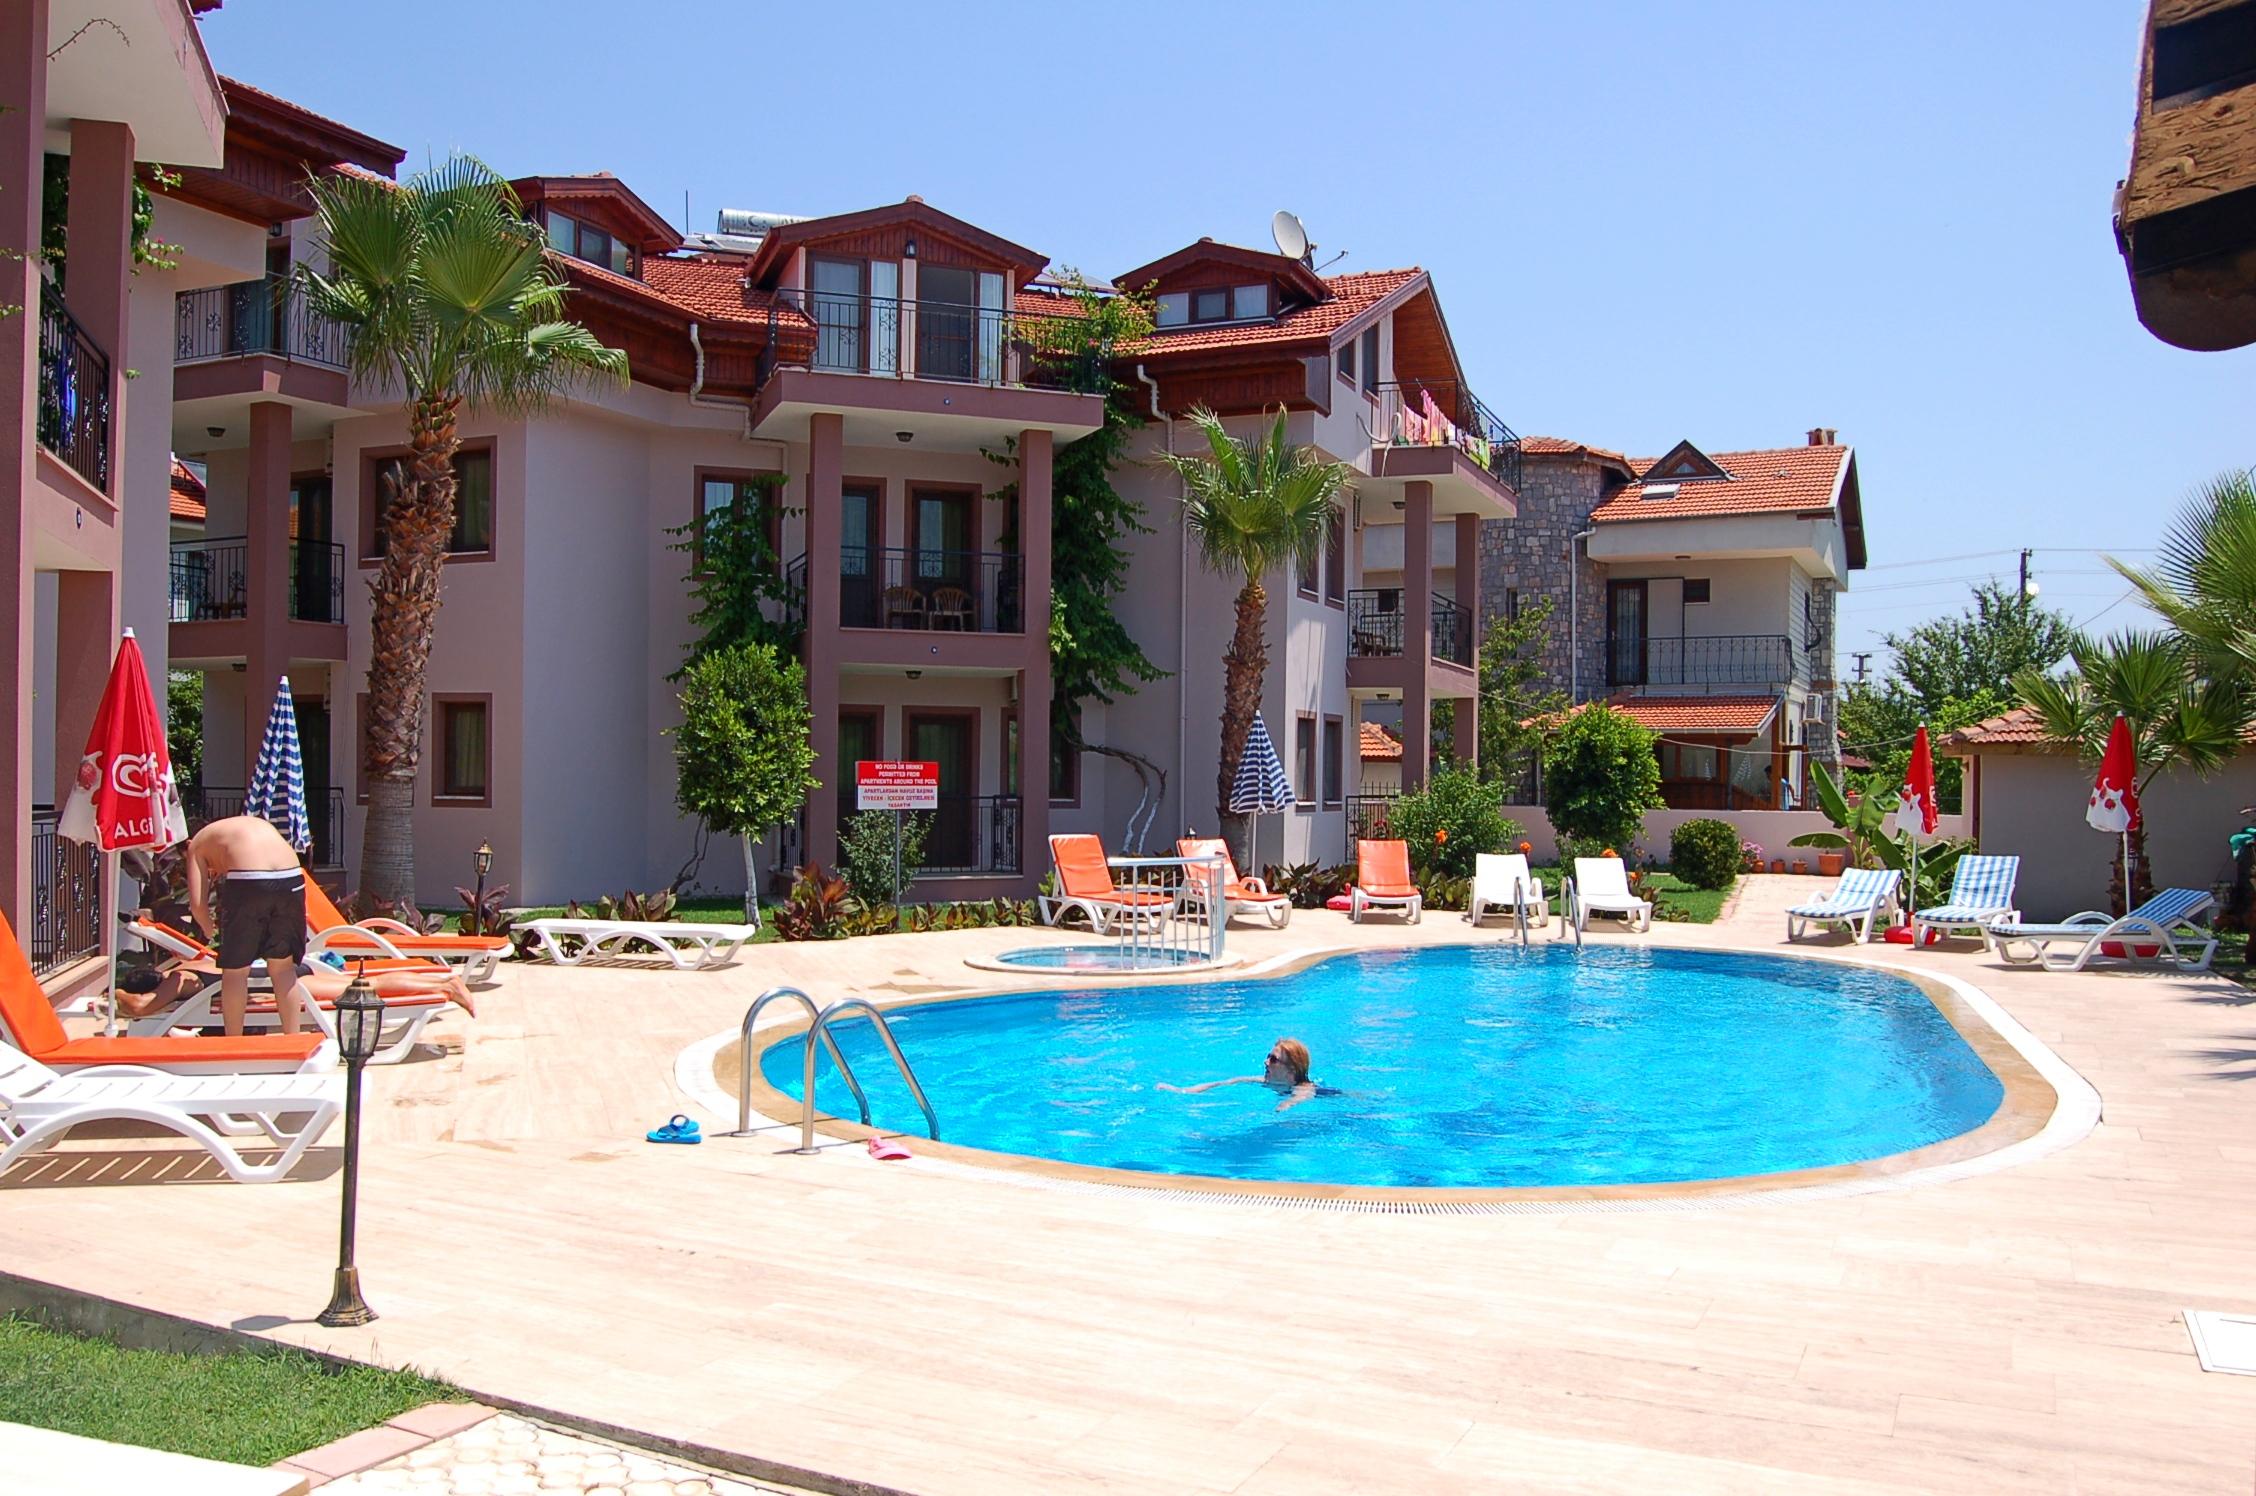 민타 아파트 호텔